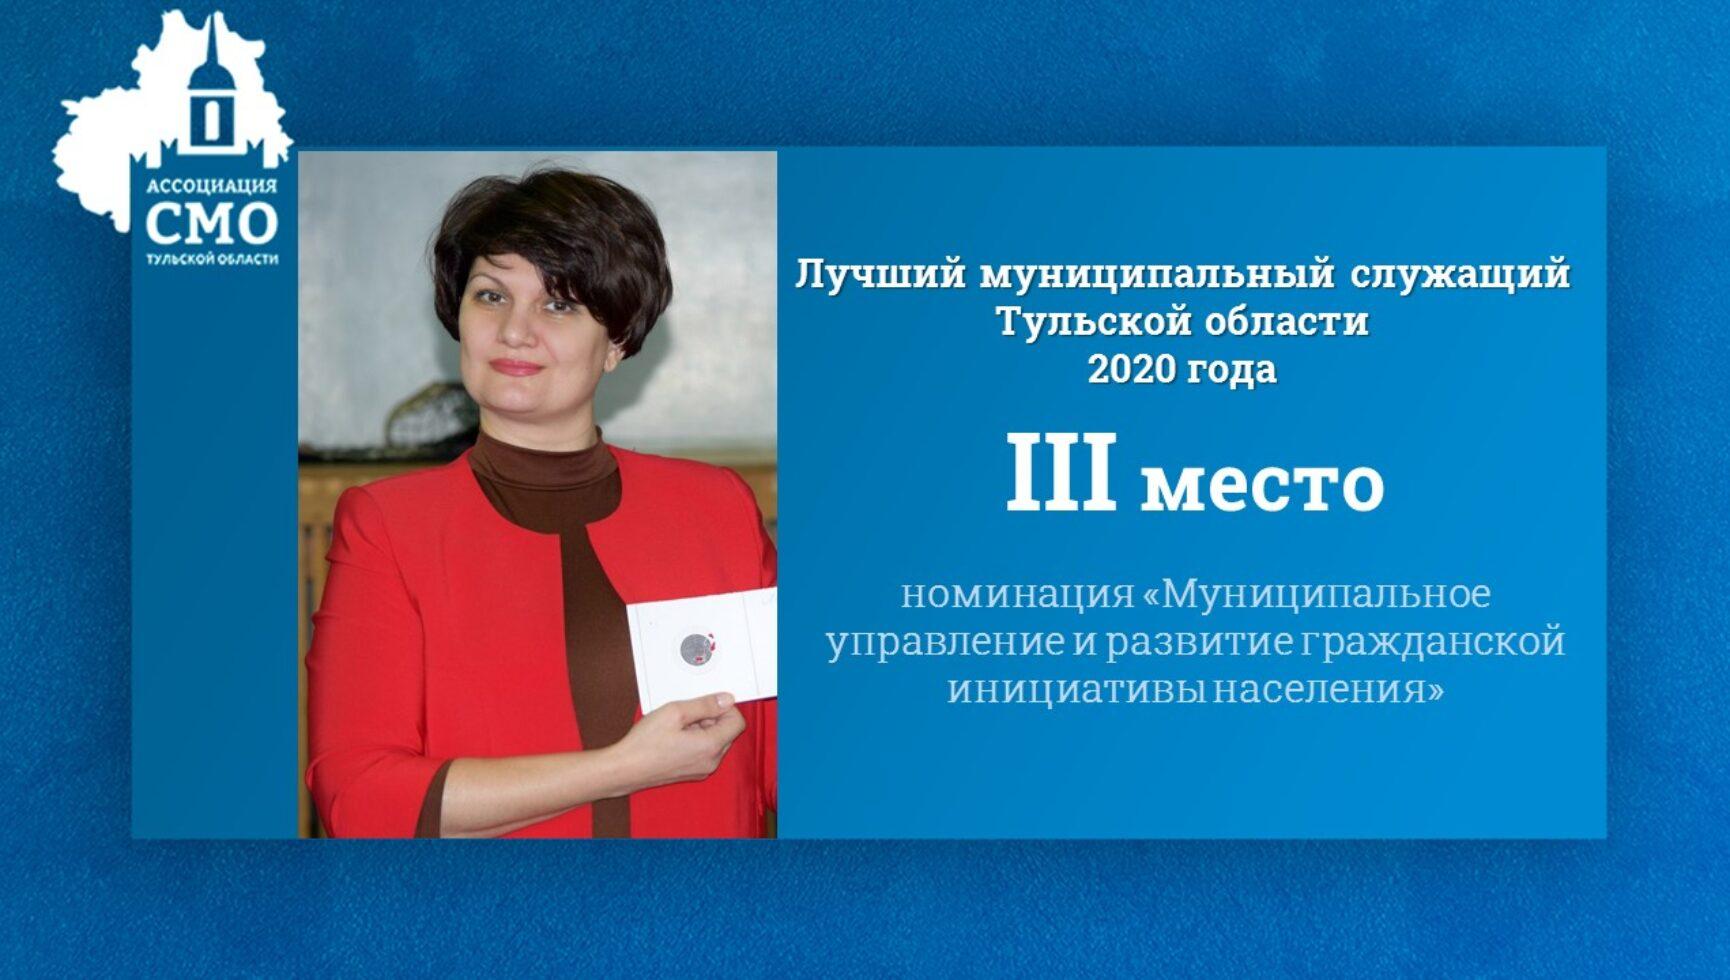 Лучший муниципальный служащий Тульской области. 3 место в номинации «Муниципальное управление и развитие гражданской инициативы населения»